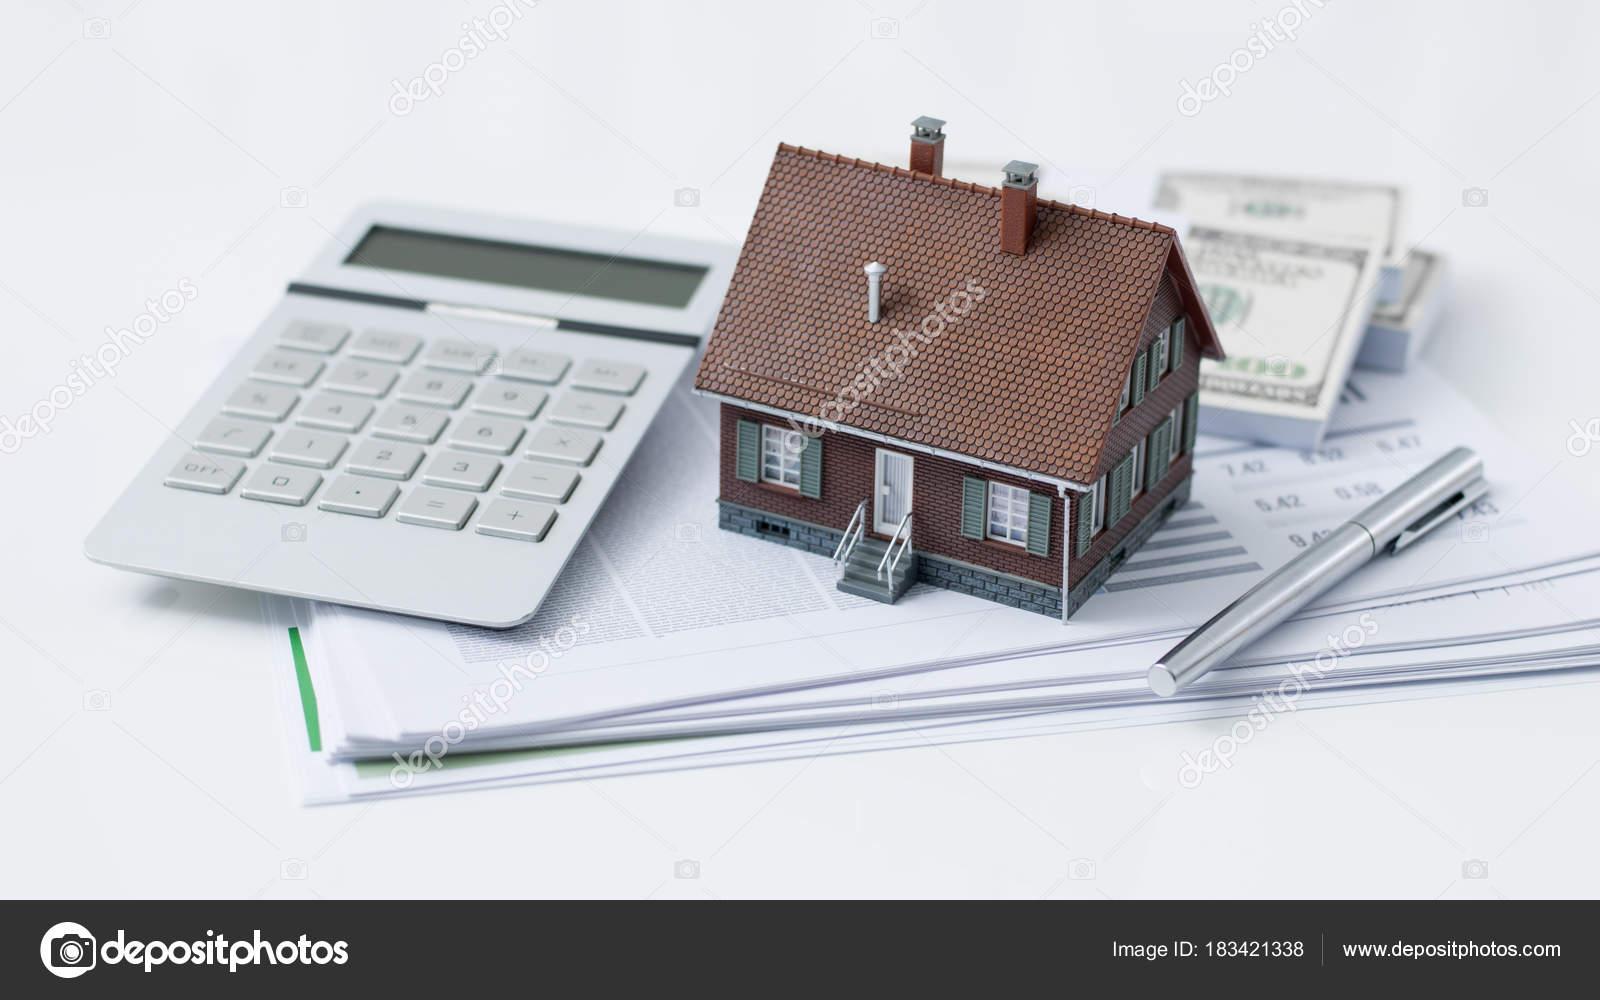 Nebankovní půjčka bez ručení nemovitostí frýdek